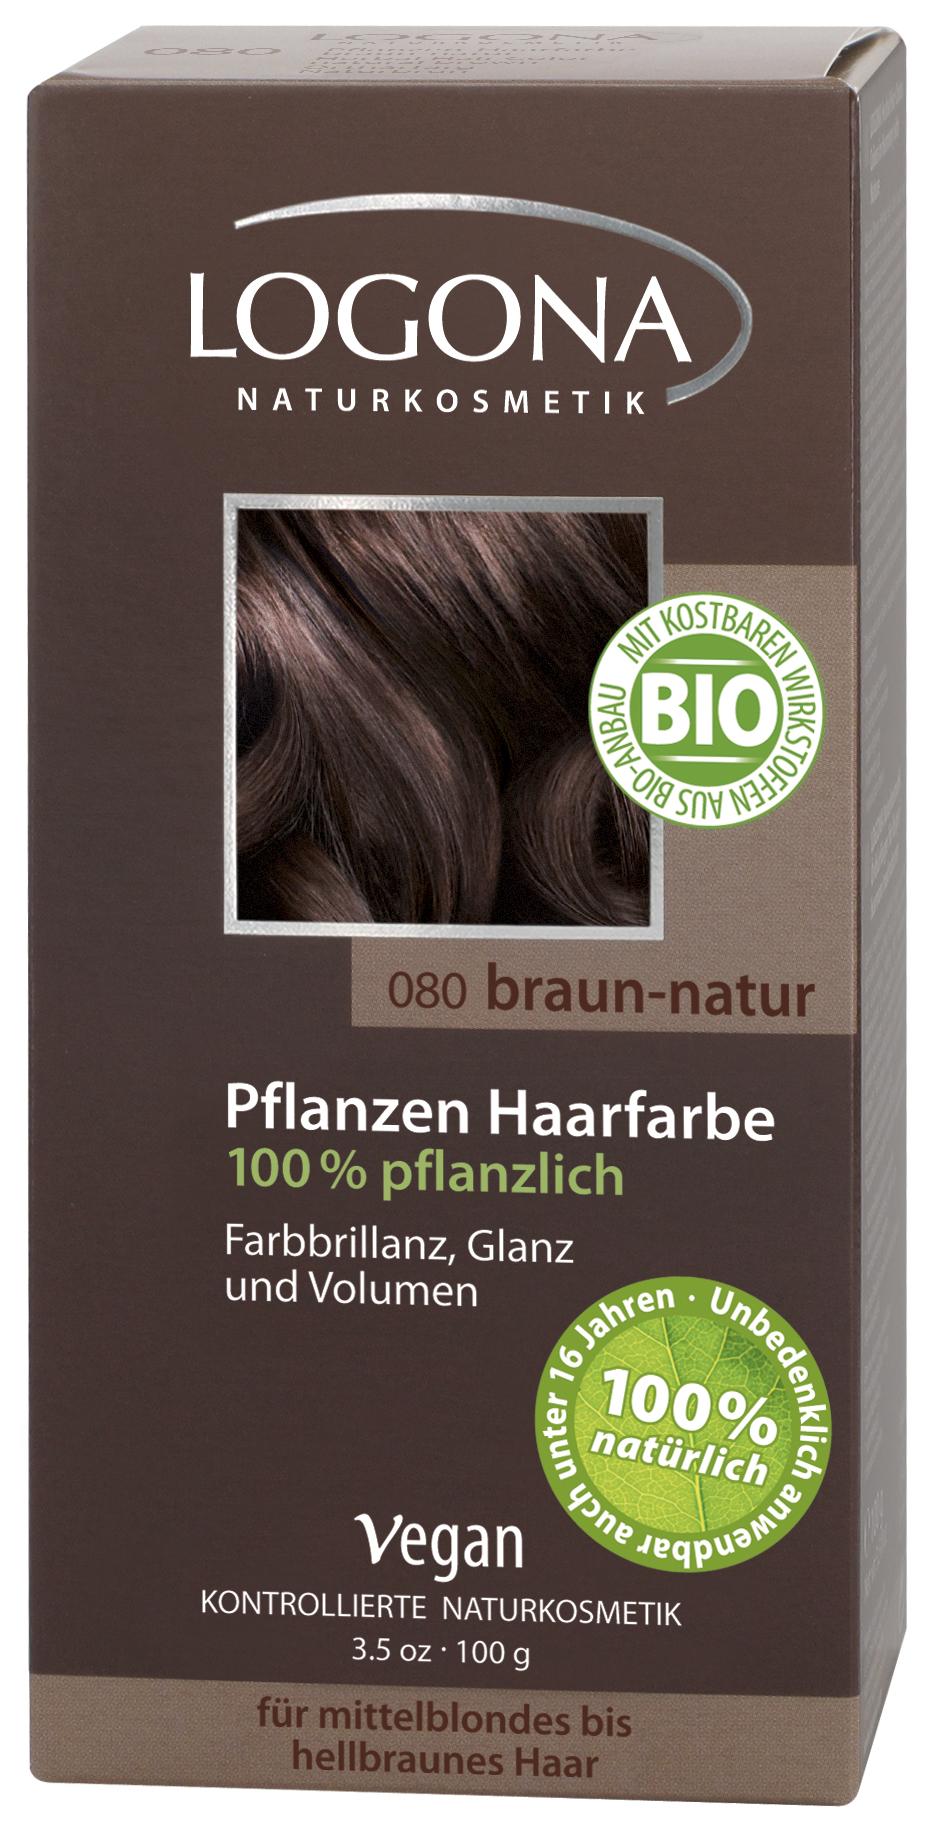 Logona растительная краска для волос 080 «Натурально-коричневый» 100 гр01107Оттенок «Натурально-коричневый» подходит для русых и светло-коричневых волос. Растительные краски для волос Logona действуют бережно и дают длительный эффект. Состав из хны и других красящих растений, а также веществ растительного происхождения для ухода за волосами естественным образом укрепляют волосы и придают им больше объема и яркости.